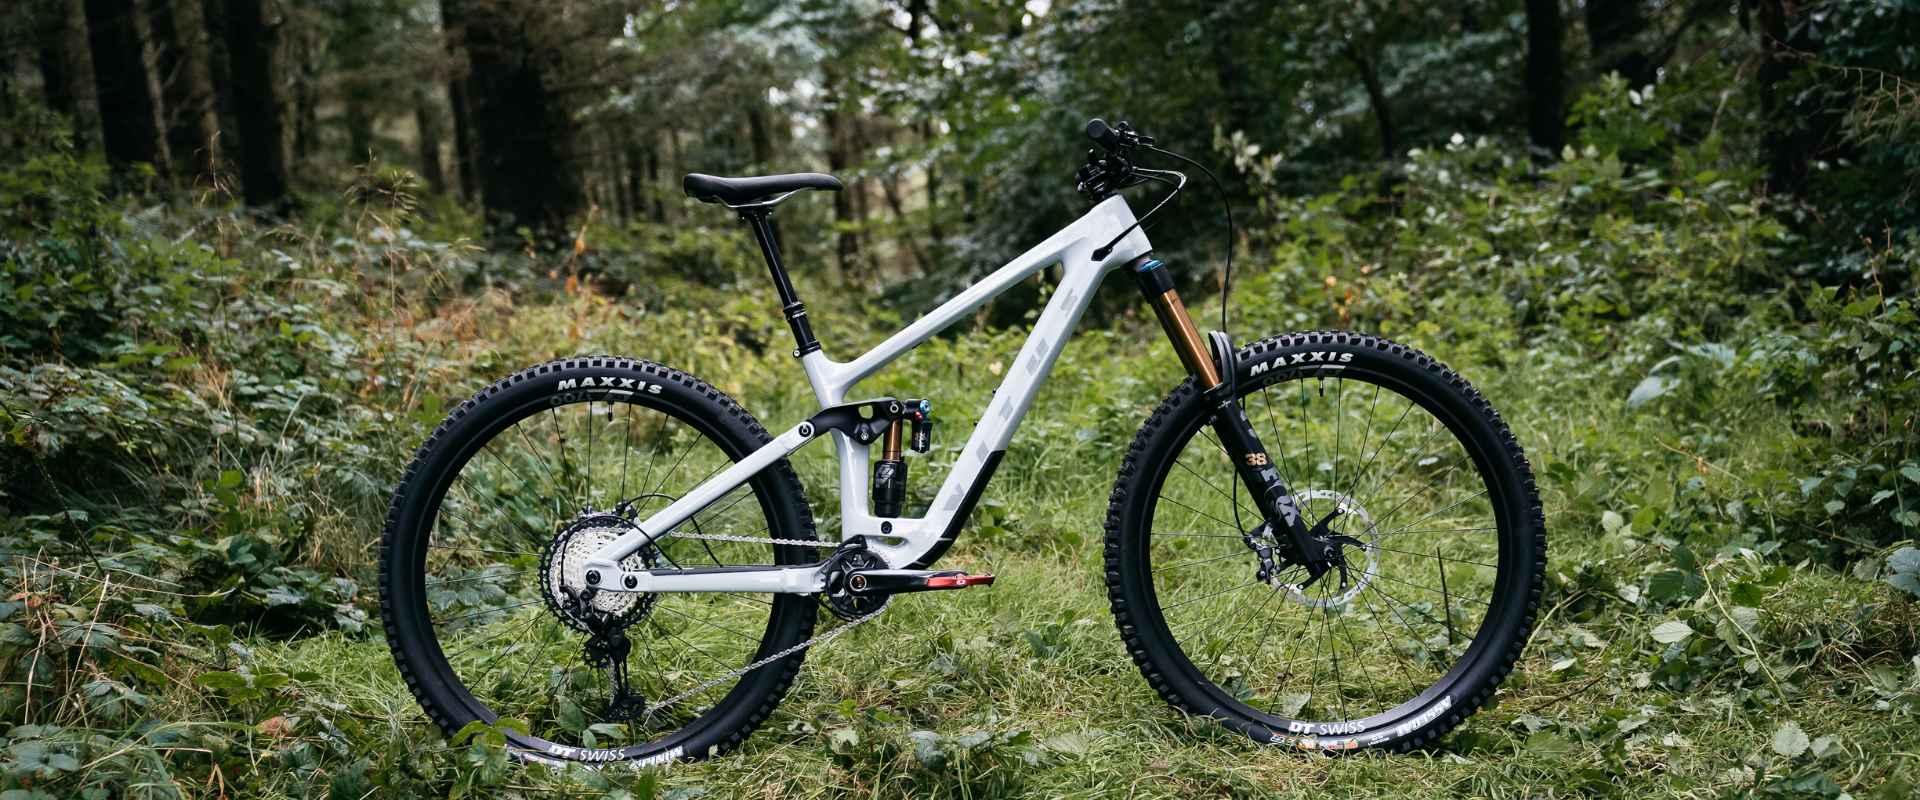 Vitus Sommet 29 CRX Mountain Bike